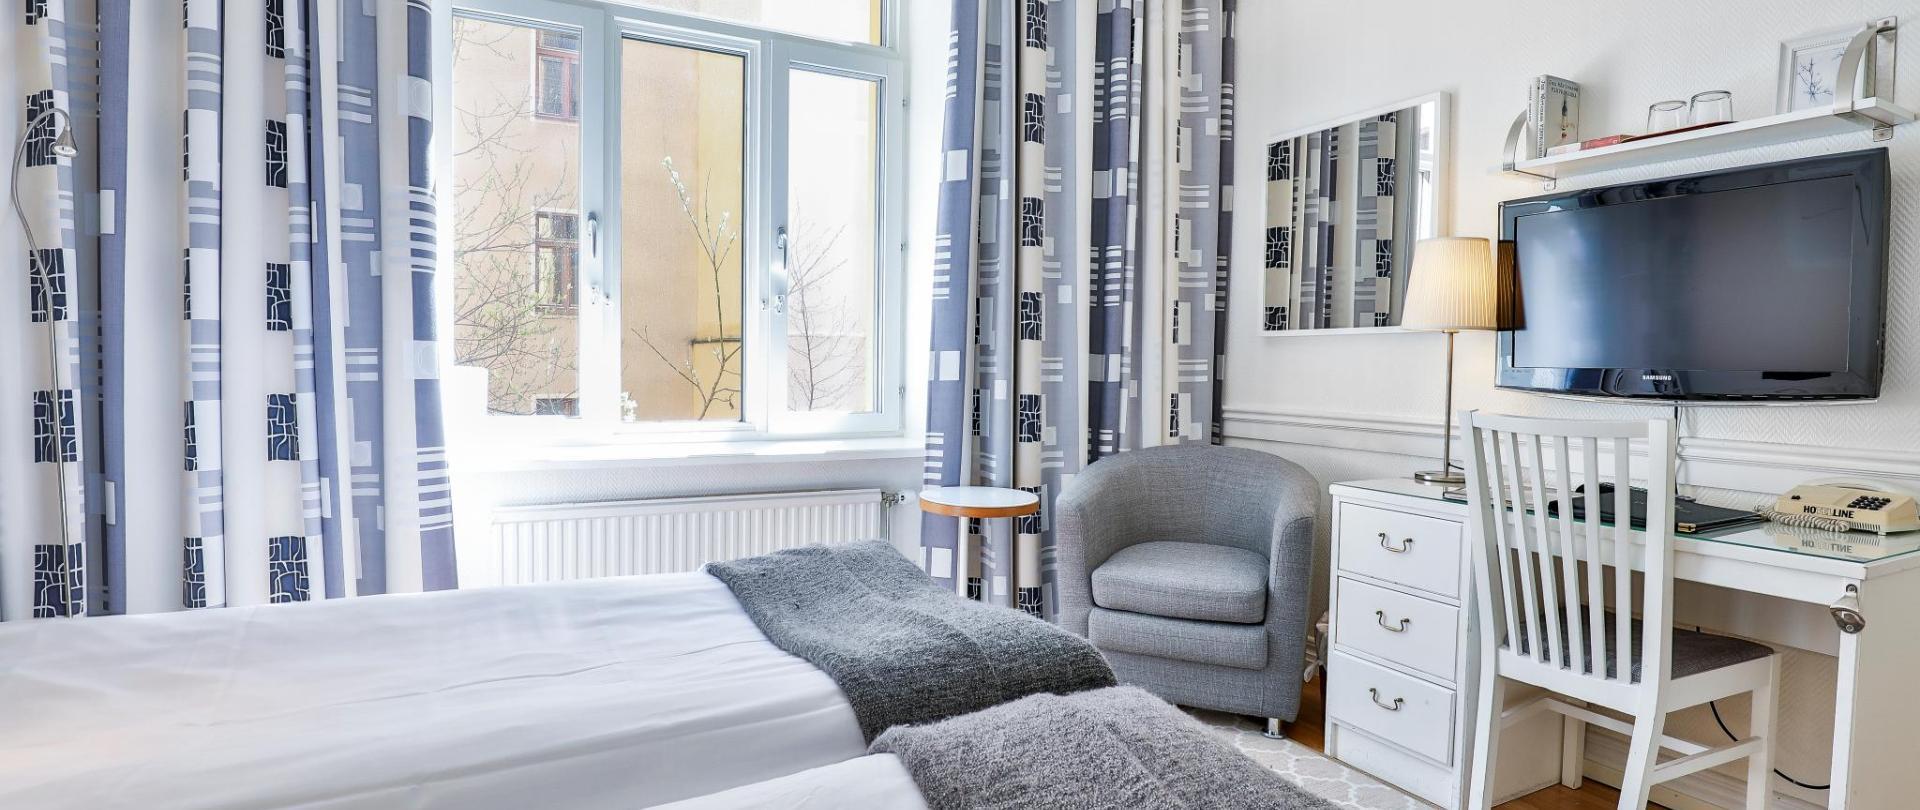 poseidon_hotell020517_0101.jpg